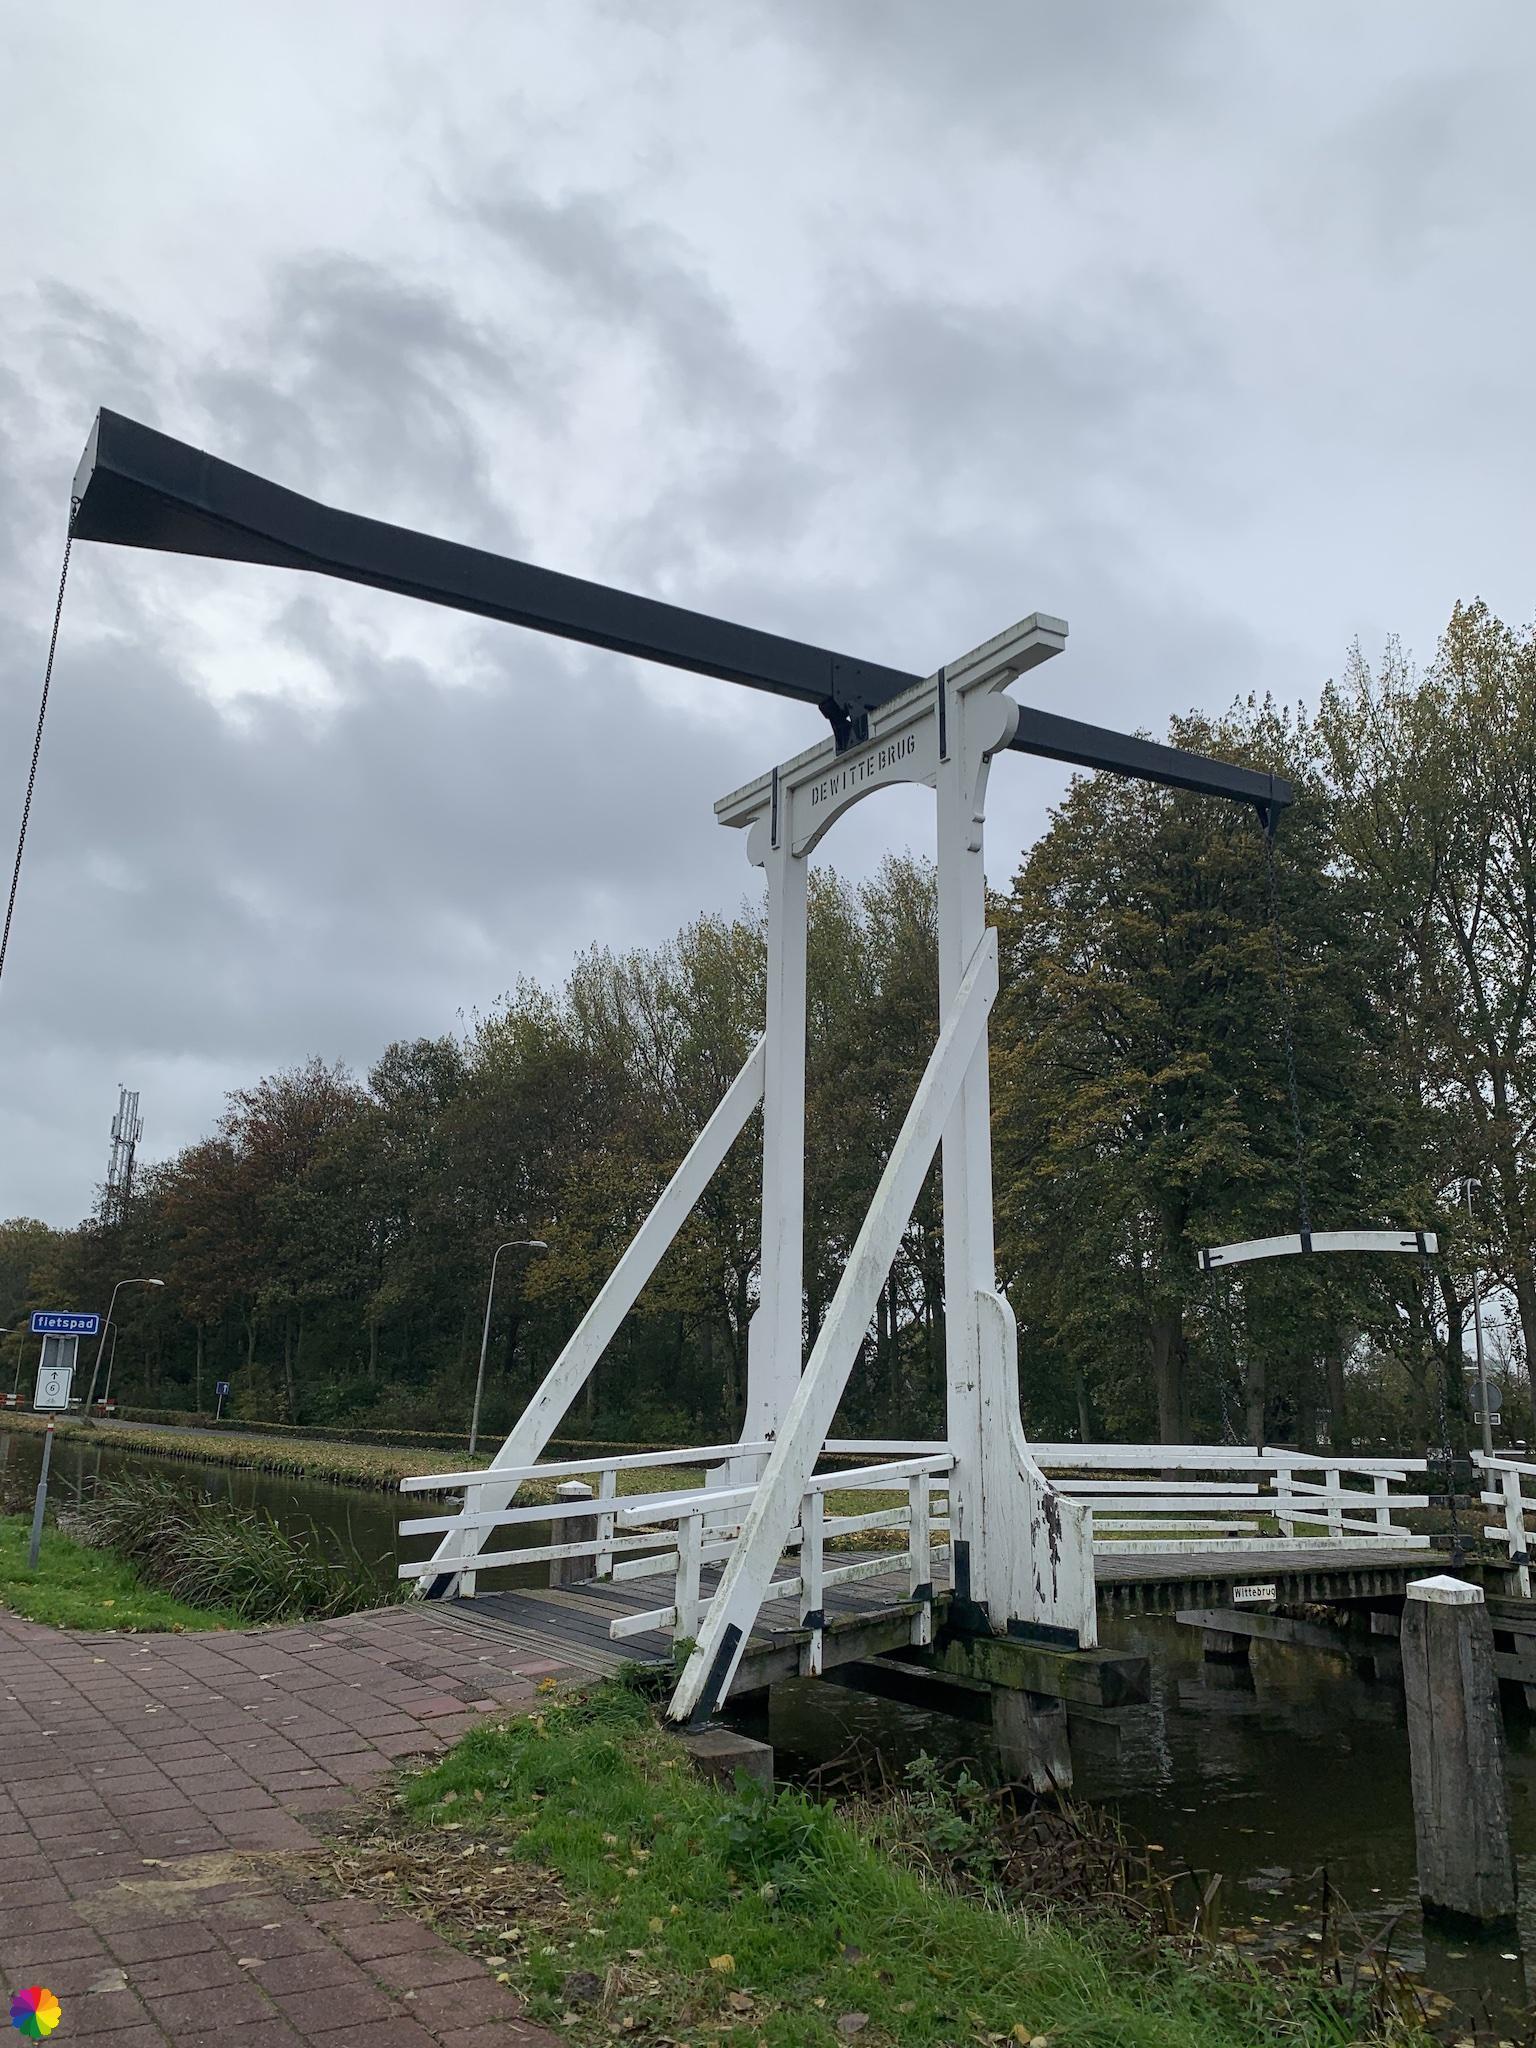 Witte brug in Nieuwerkerk aan den IJssel